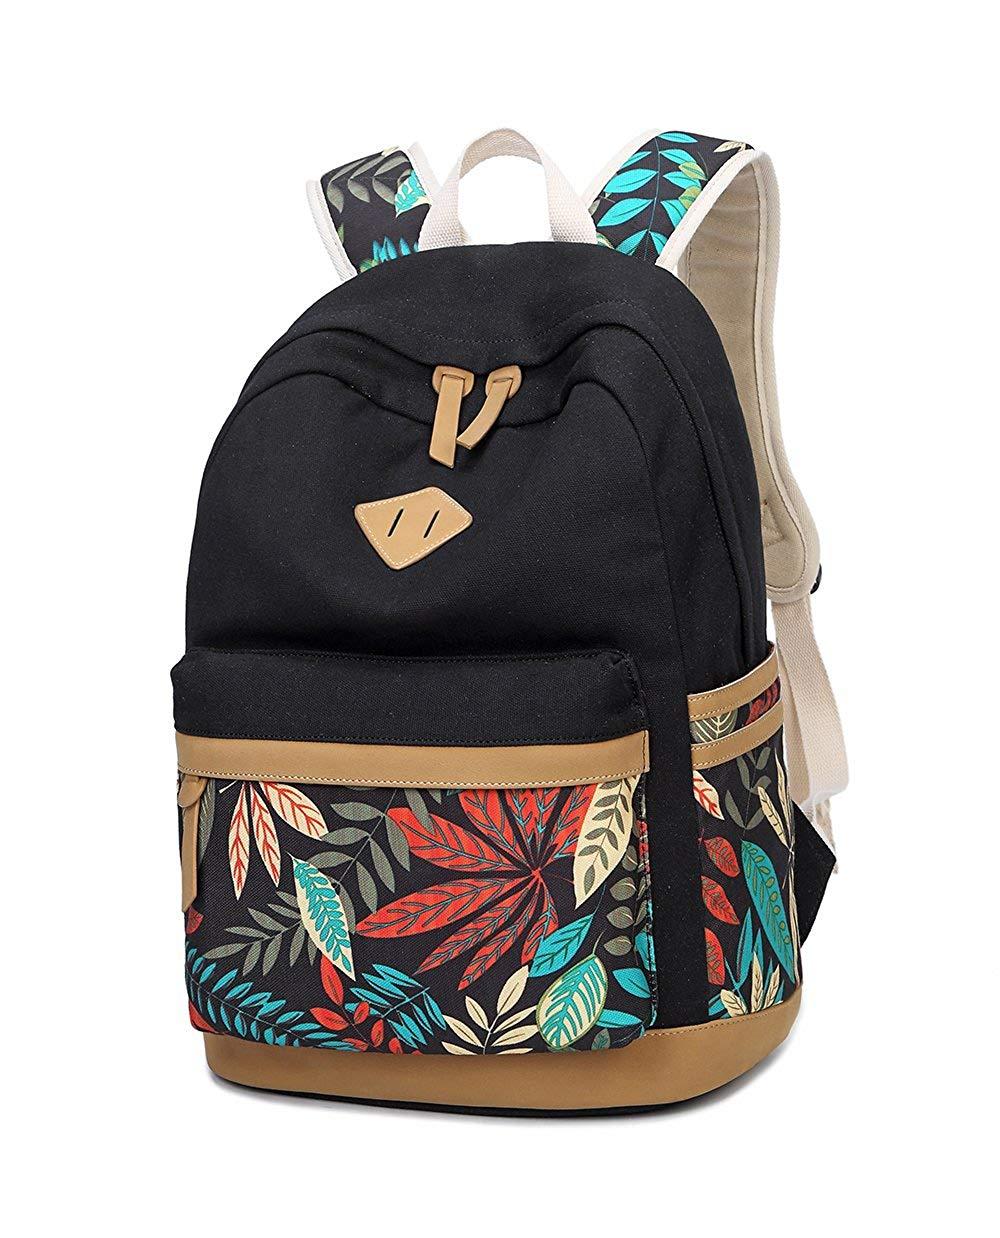 LuckyZ Women Casual Backpack Lightweight Canvas Daykpack Cute Laptop Bag School Backpacks Bookbag